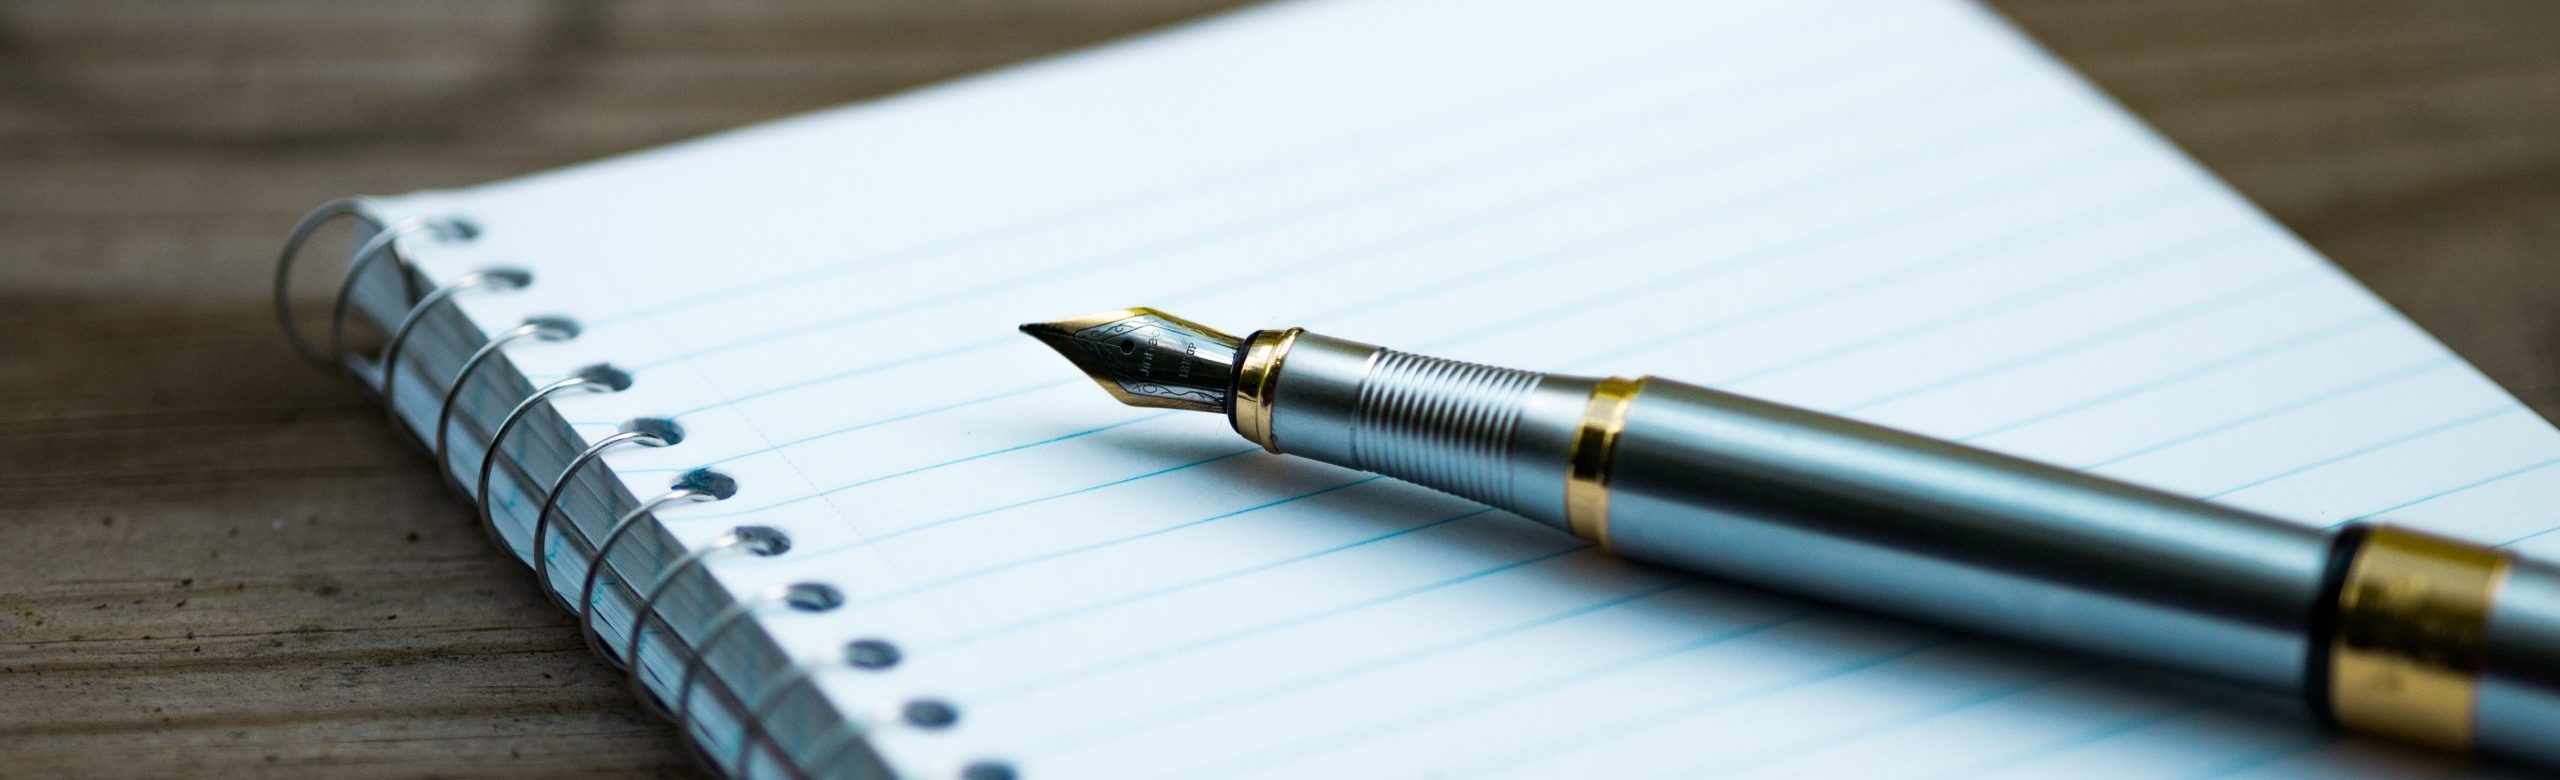 fountain pen on spiral book